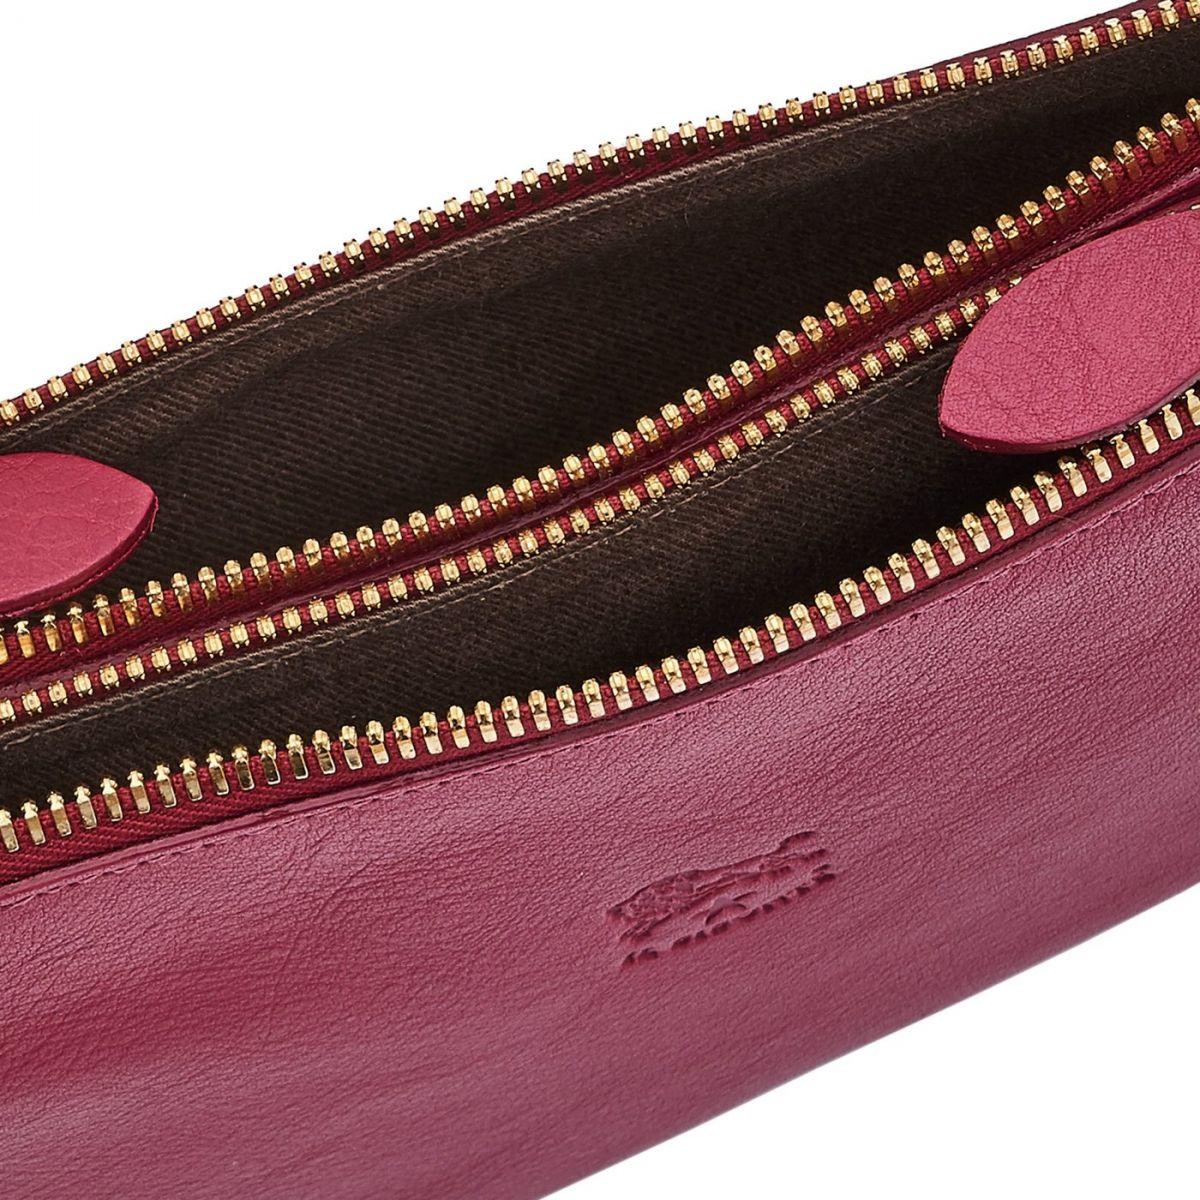 Pochette pour Femme Talamone en Cuir De Vachette BCL022 couleur Sumac | Details